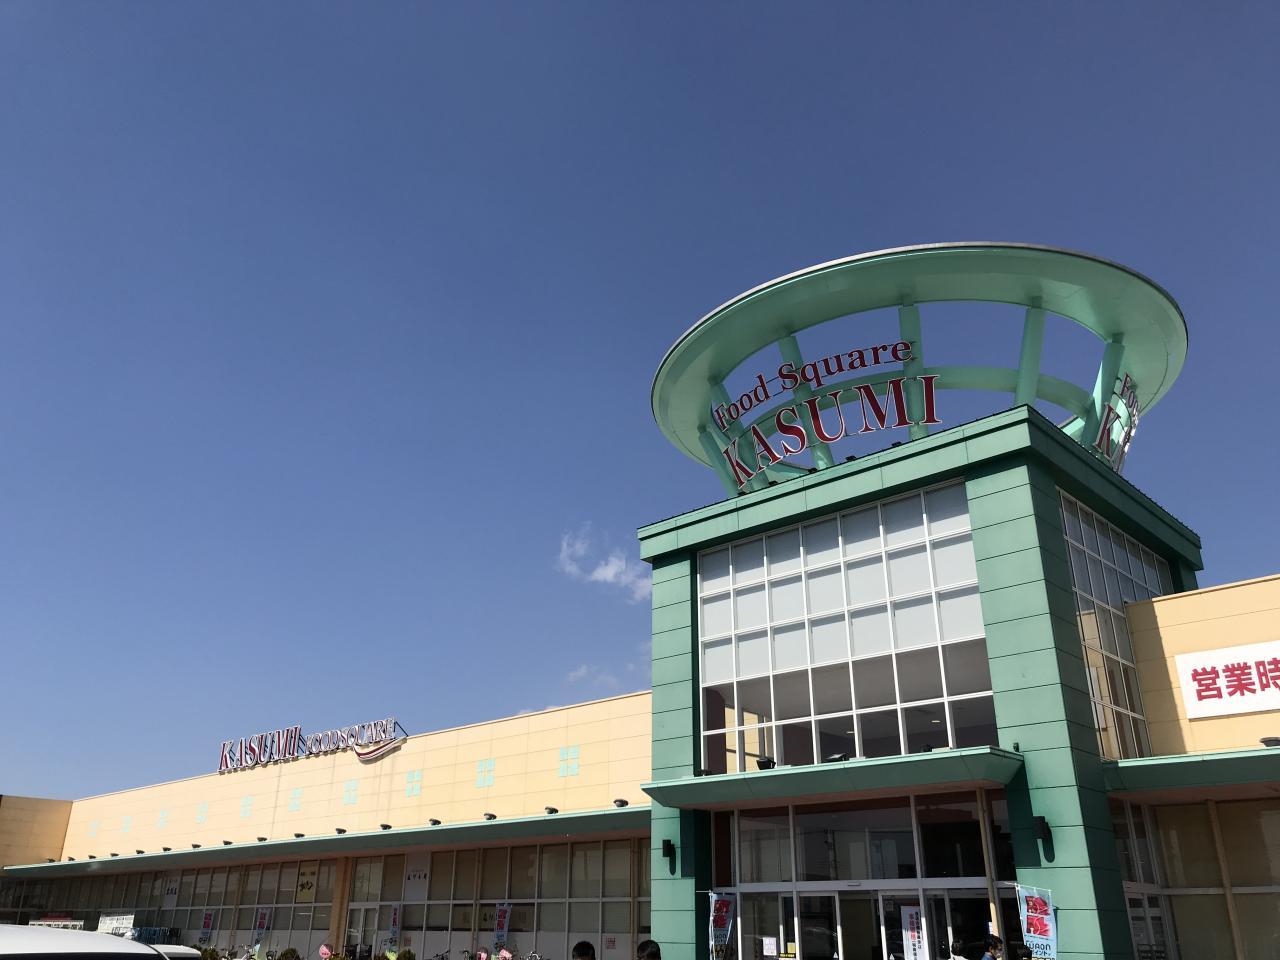 カスミ フードスクエア 水戸赤塚店